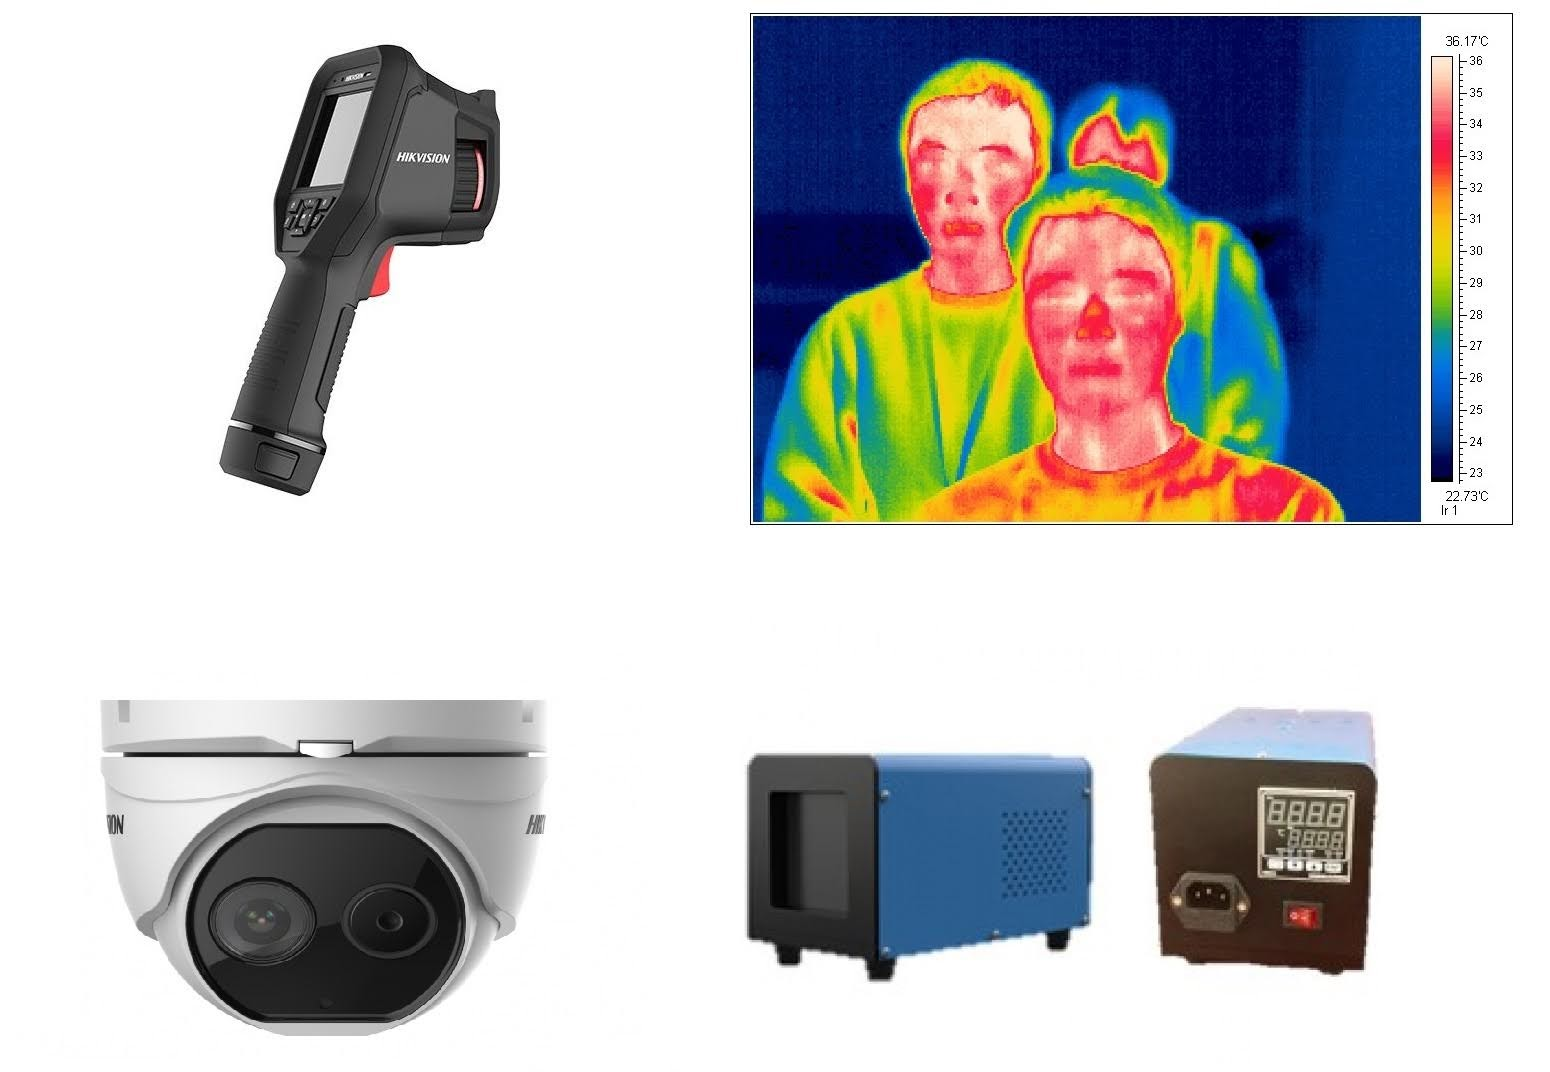 Медицинские тепловизоры Hikvision для измерения температуры тела человека портативные и стационарные купить по лучшей цене   ТД Сектор